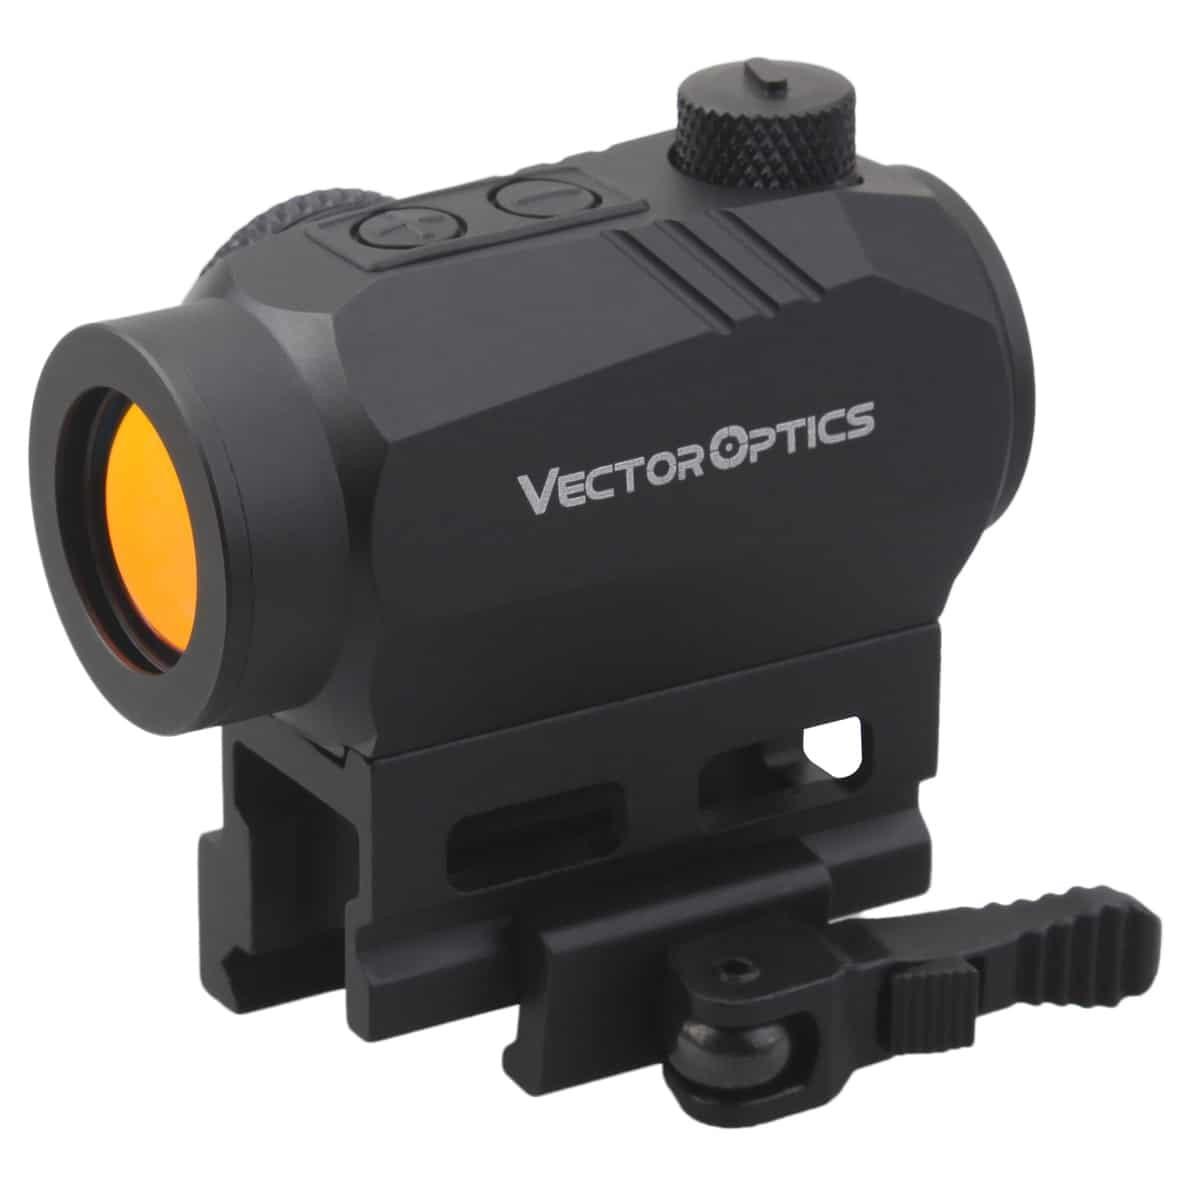 Vector Optics SCRD-30 Harpy 1x22